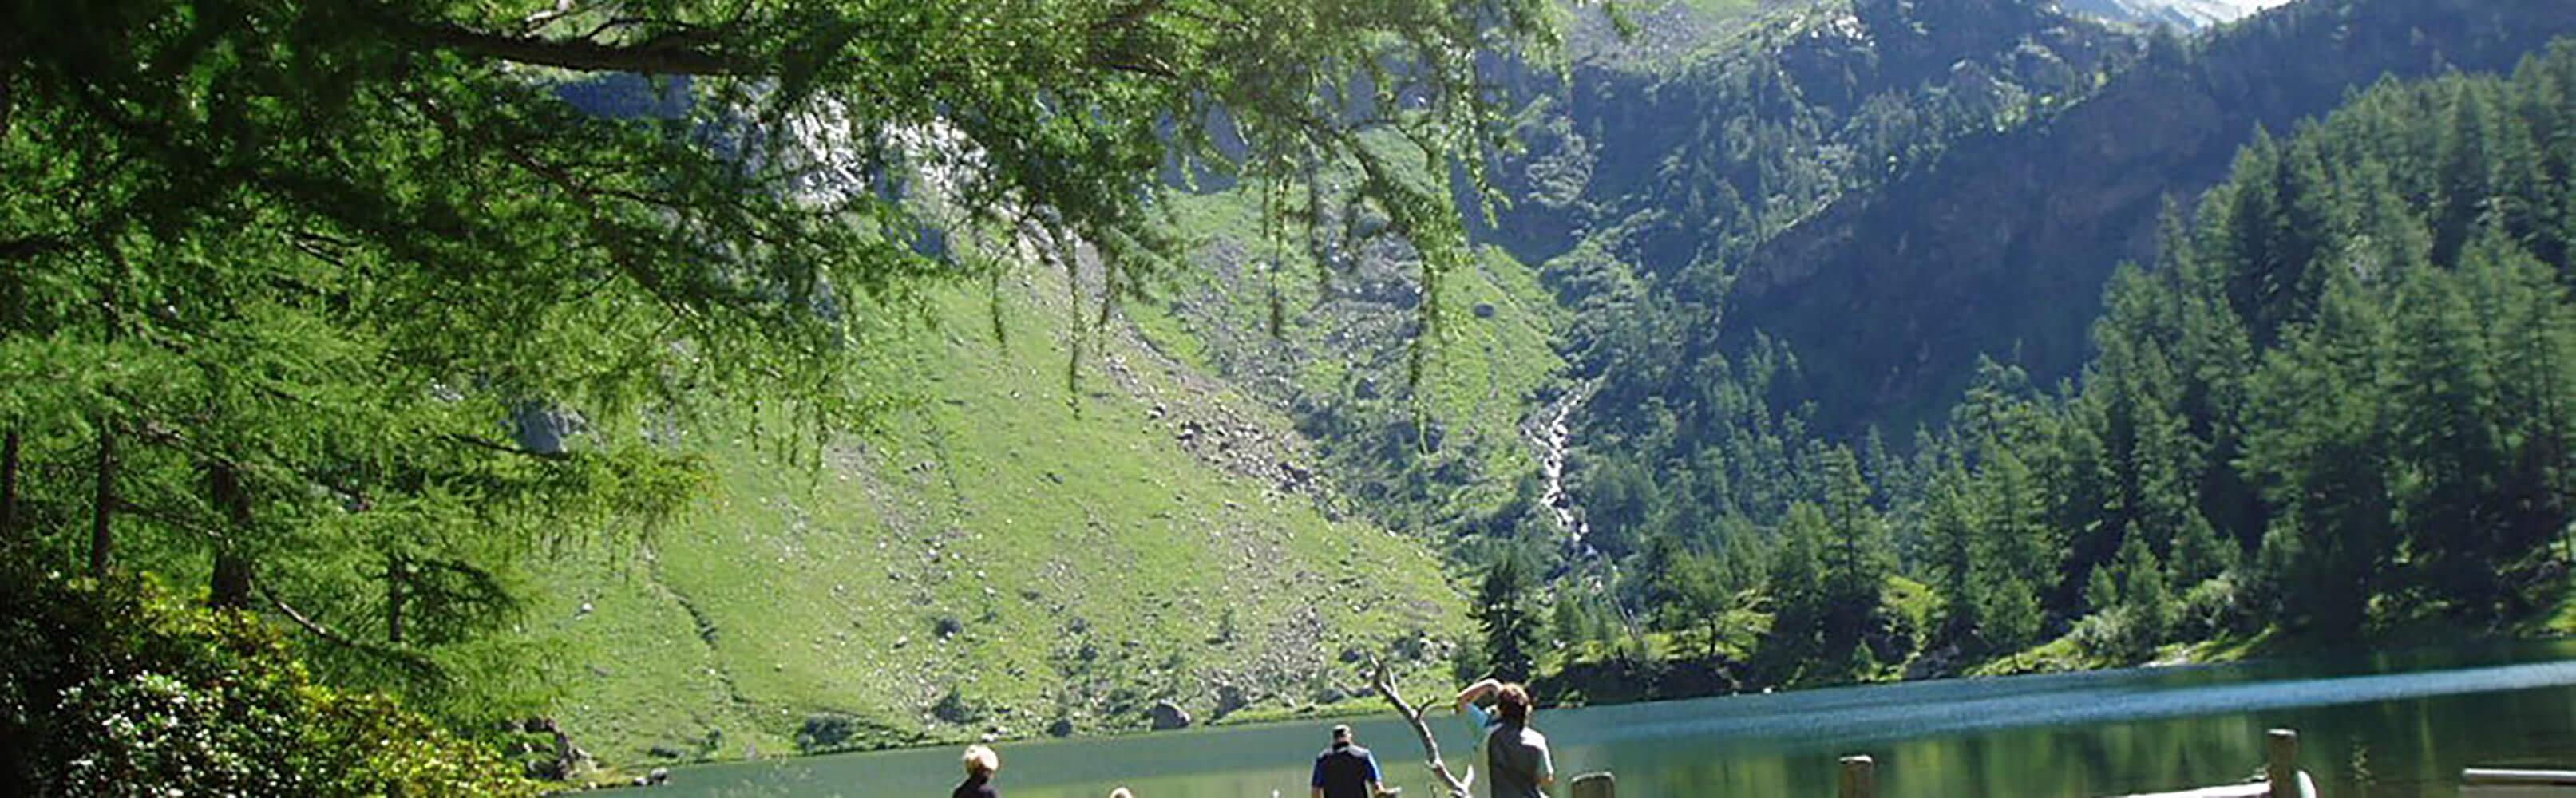 Exklusive Ferienchalets und urige Ferienwohnungen im Salzburgerland 1